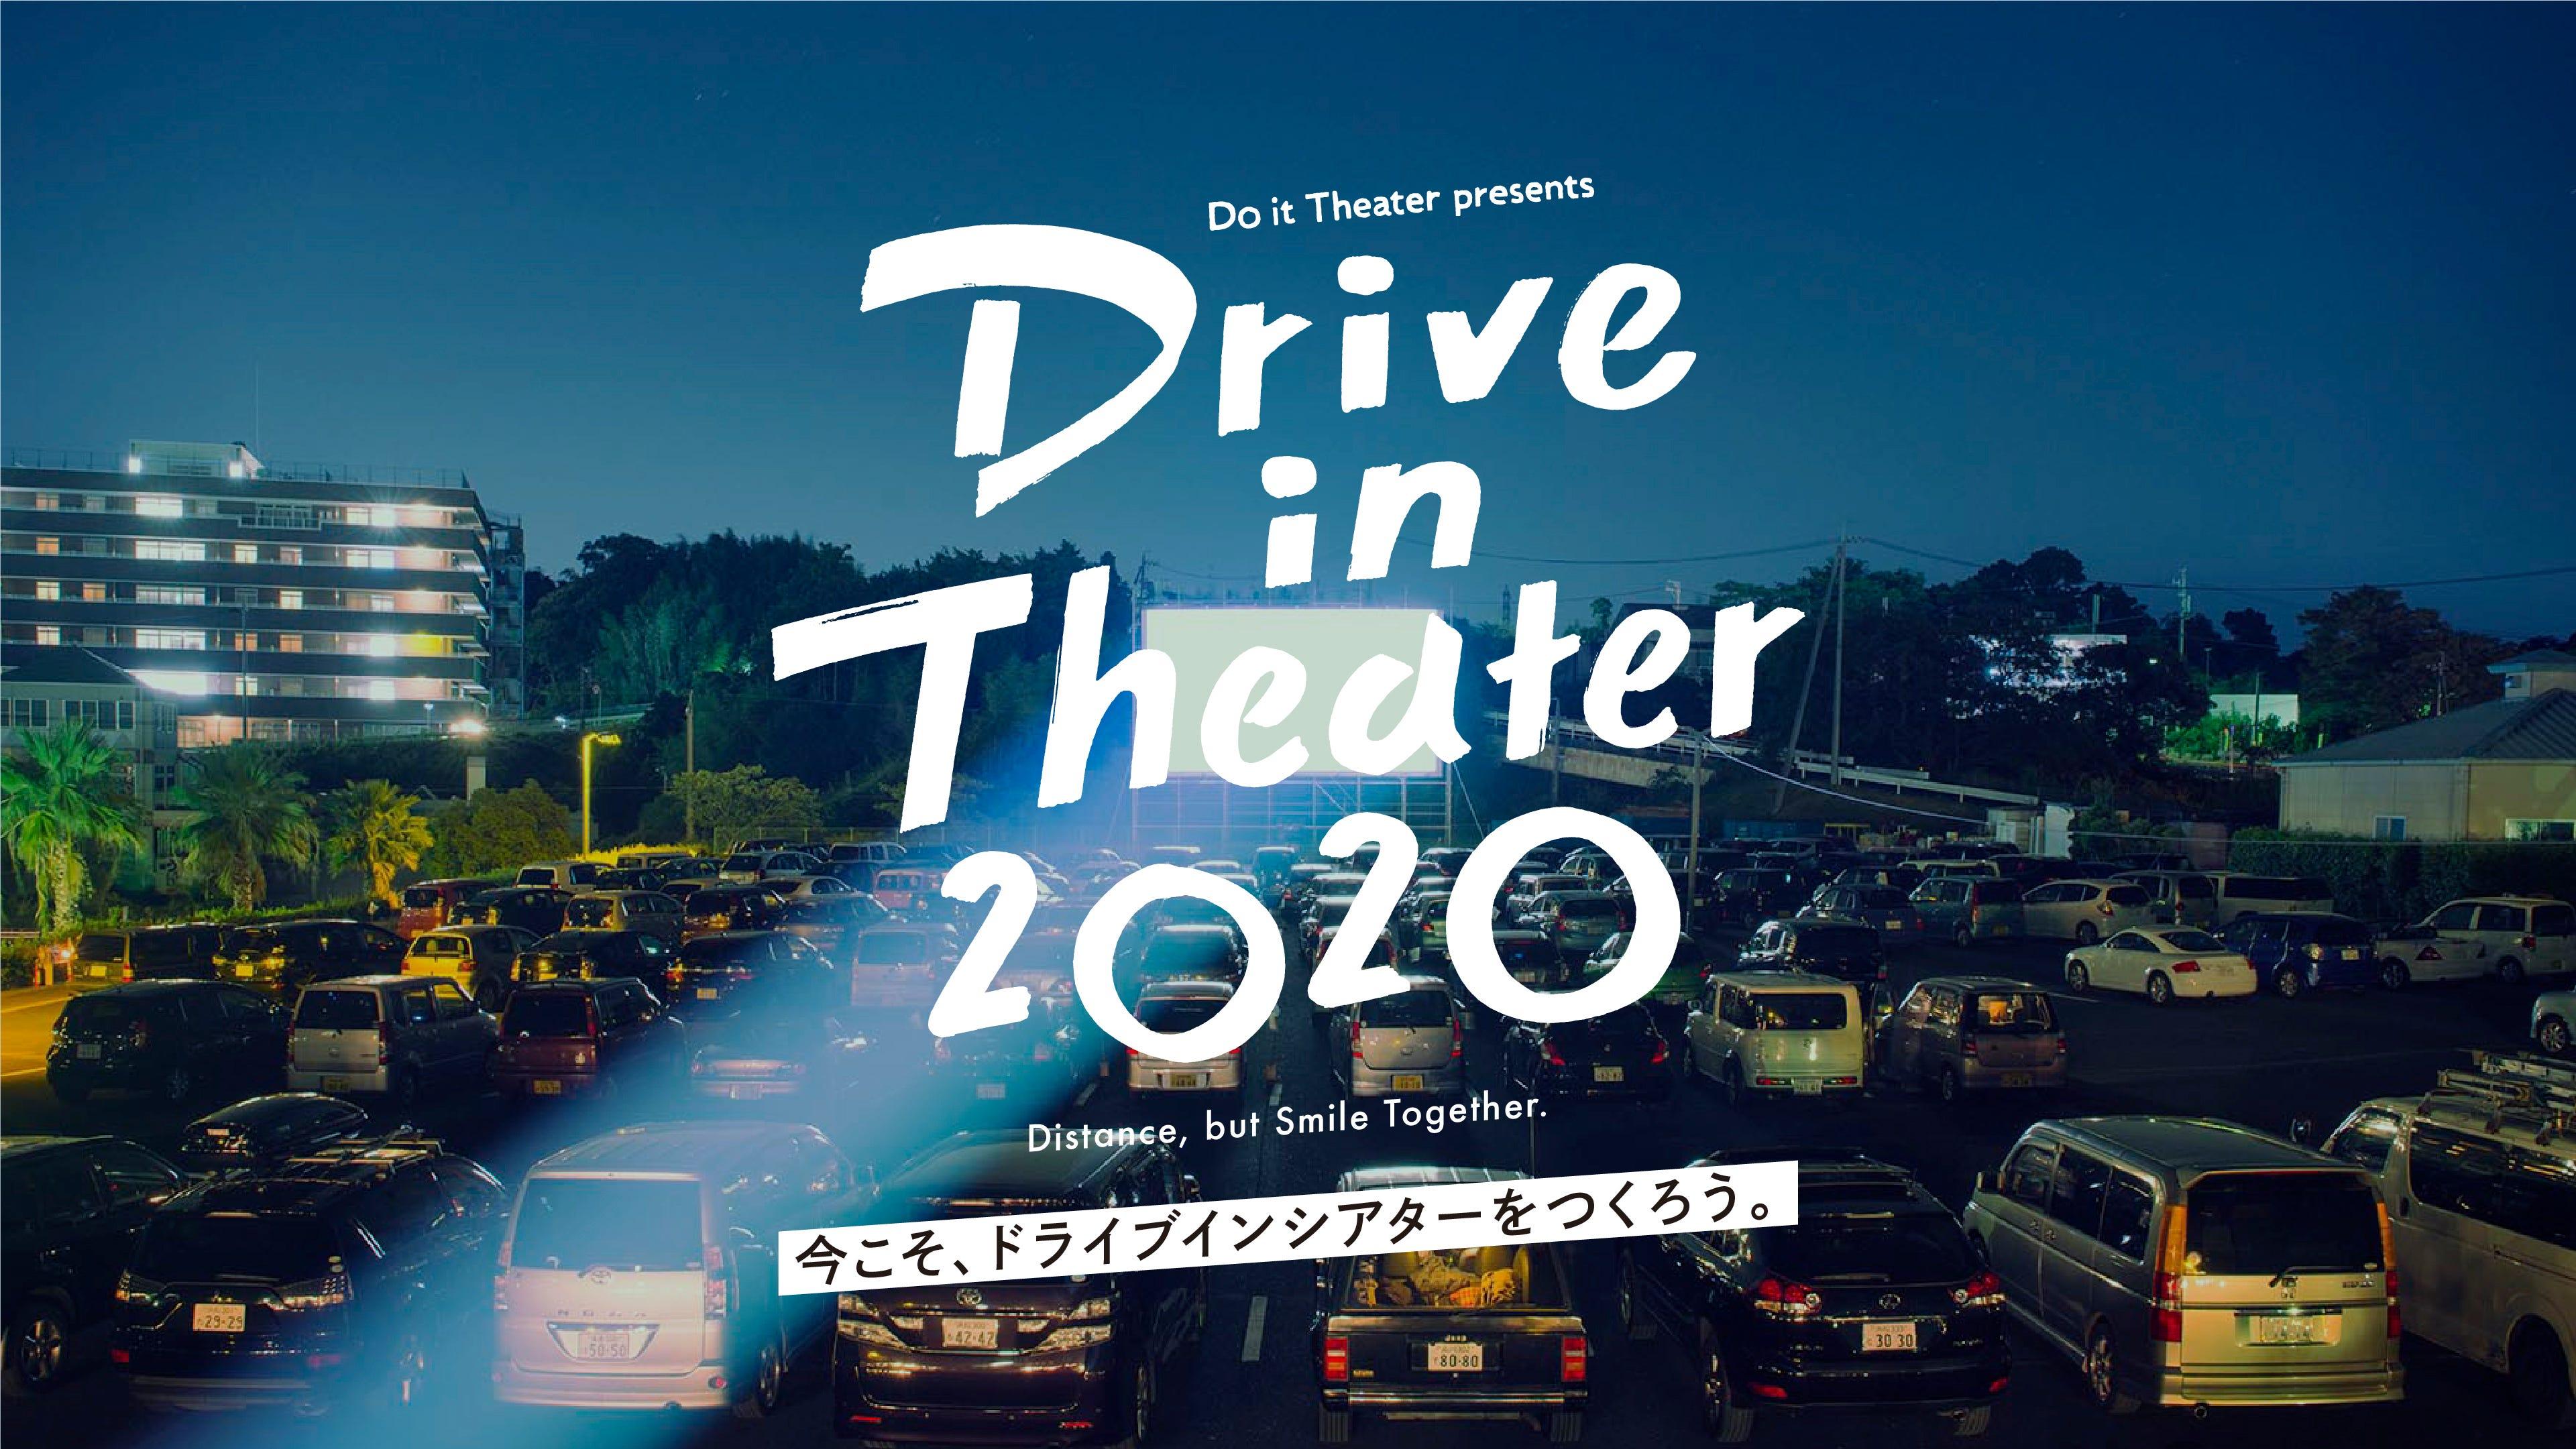 看電影維持社交距離的好方法 露天汽車電影院正夯. 露天汽車電影院曾經在上個世紀 50~60… | by Joel Fukuzawa | Medium